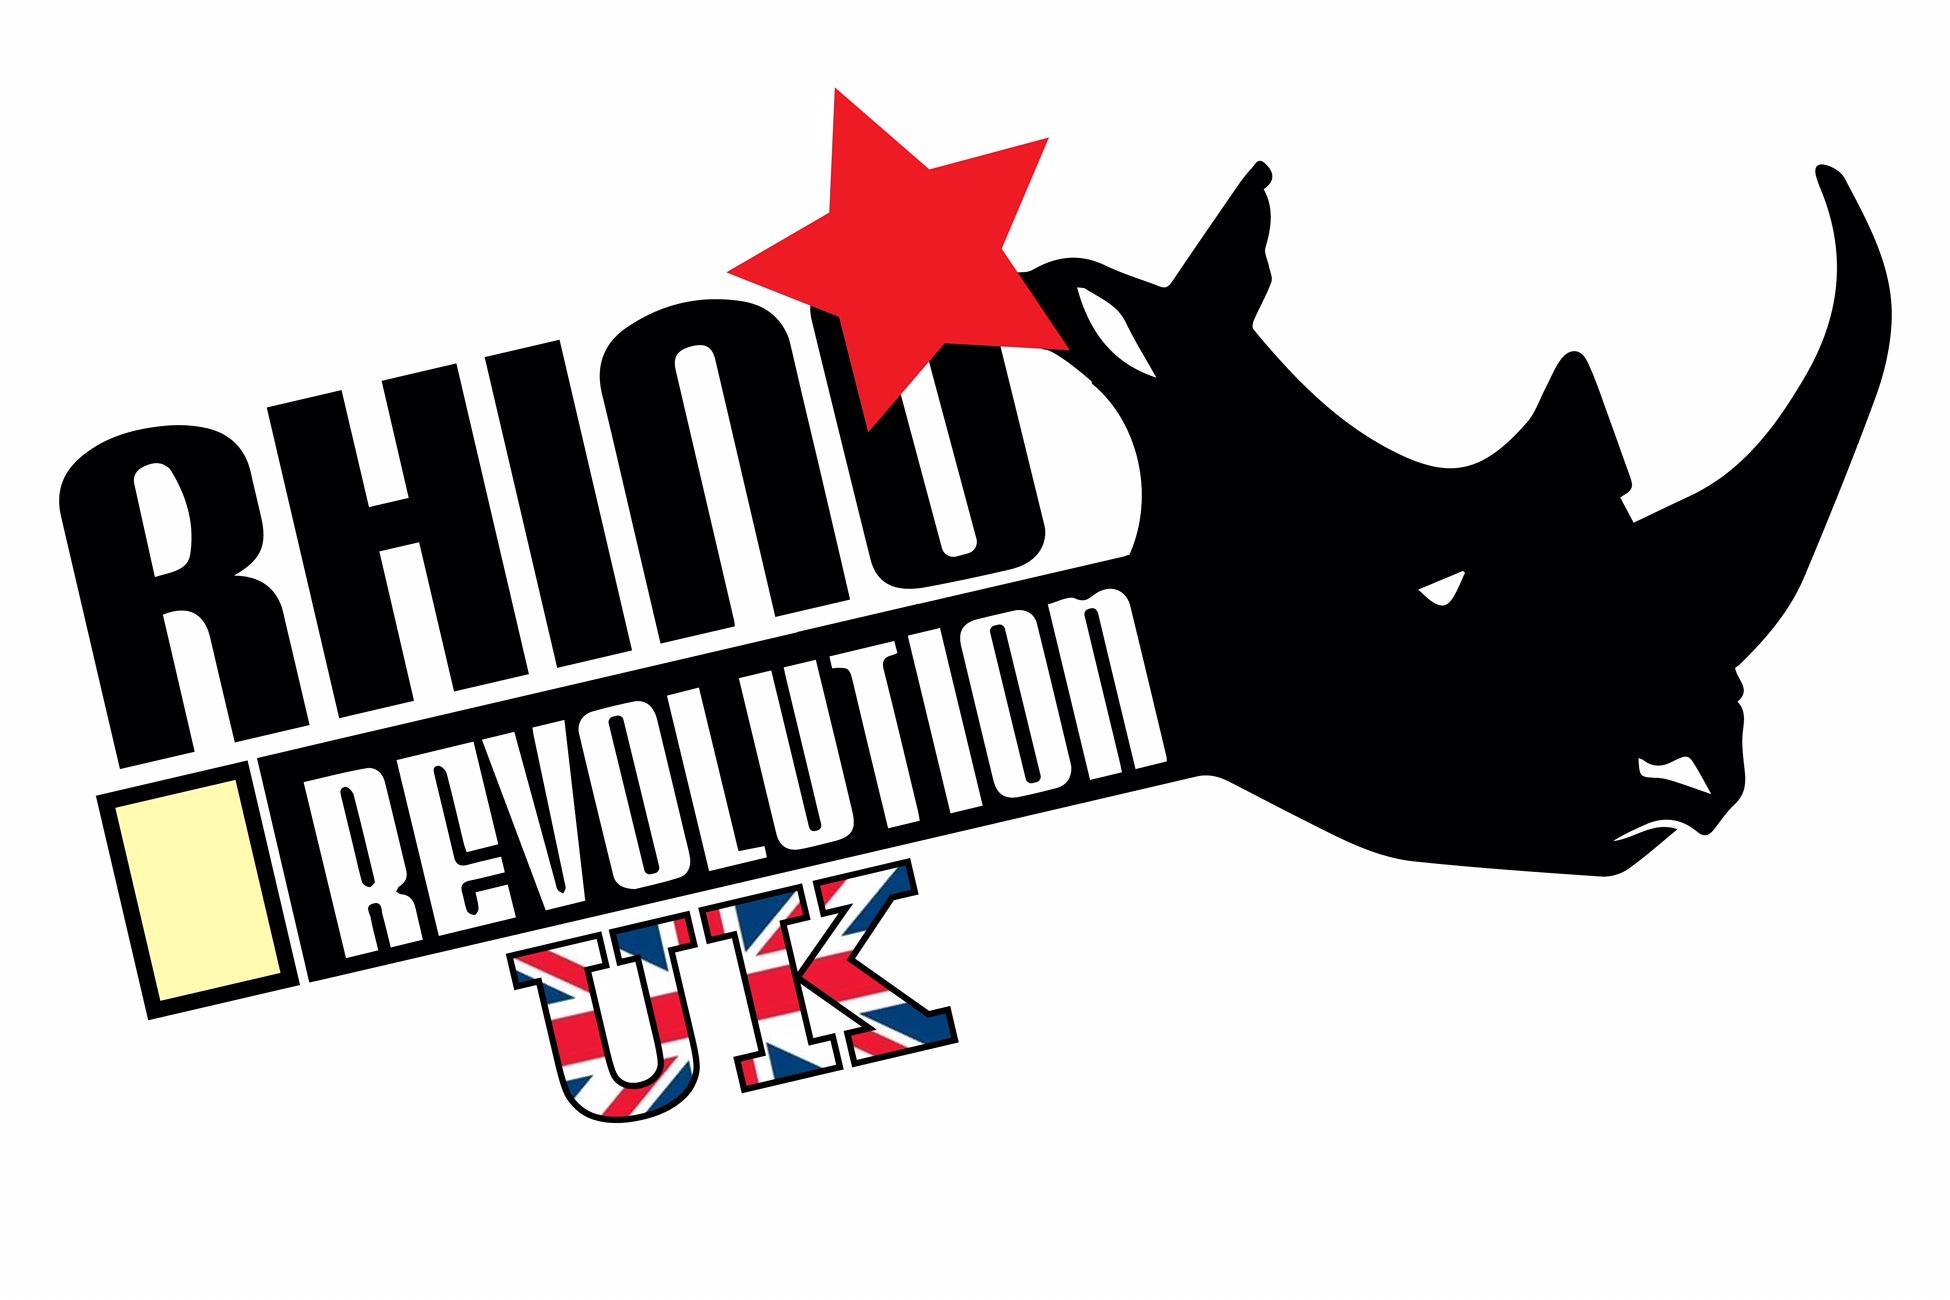 Rhino Revolution Logo - UK - NEW.jpg